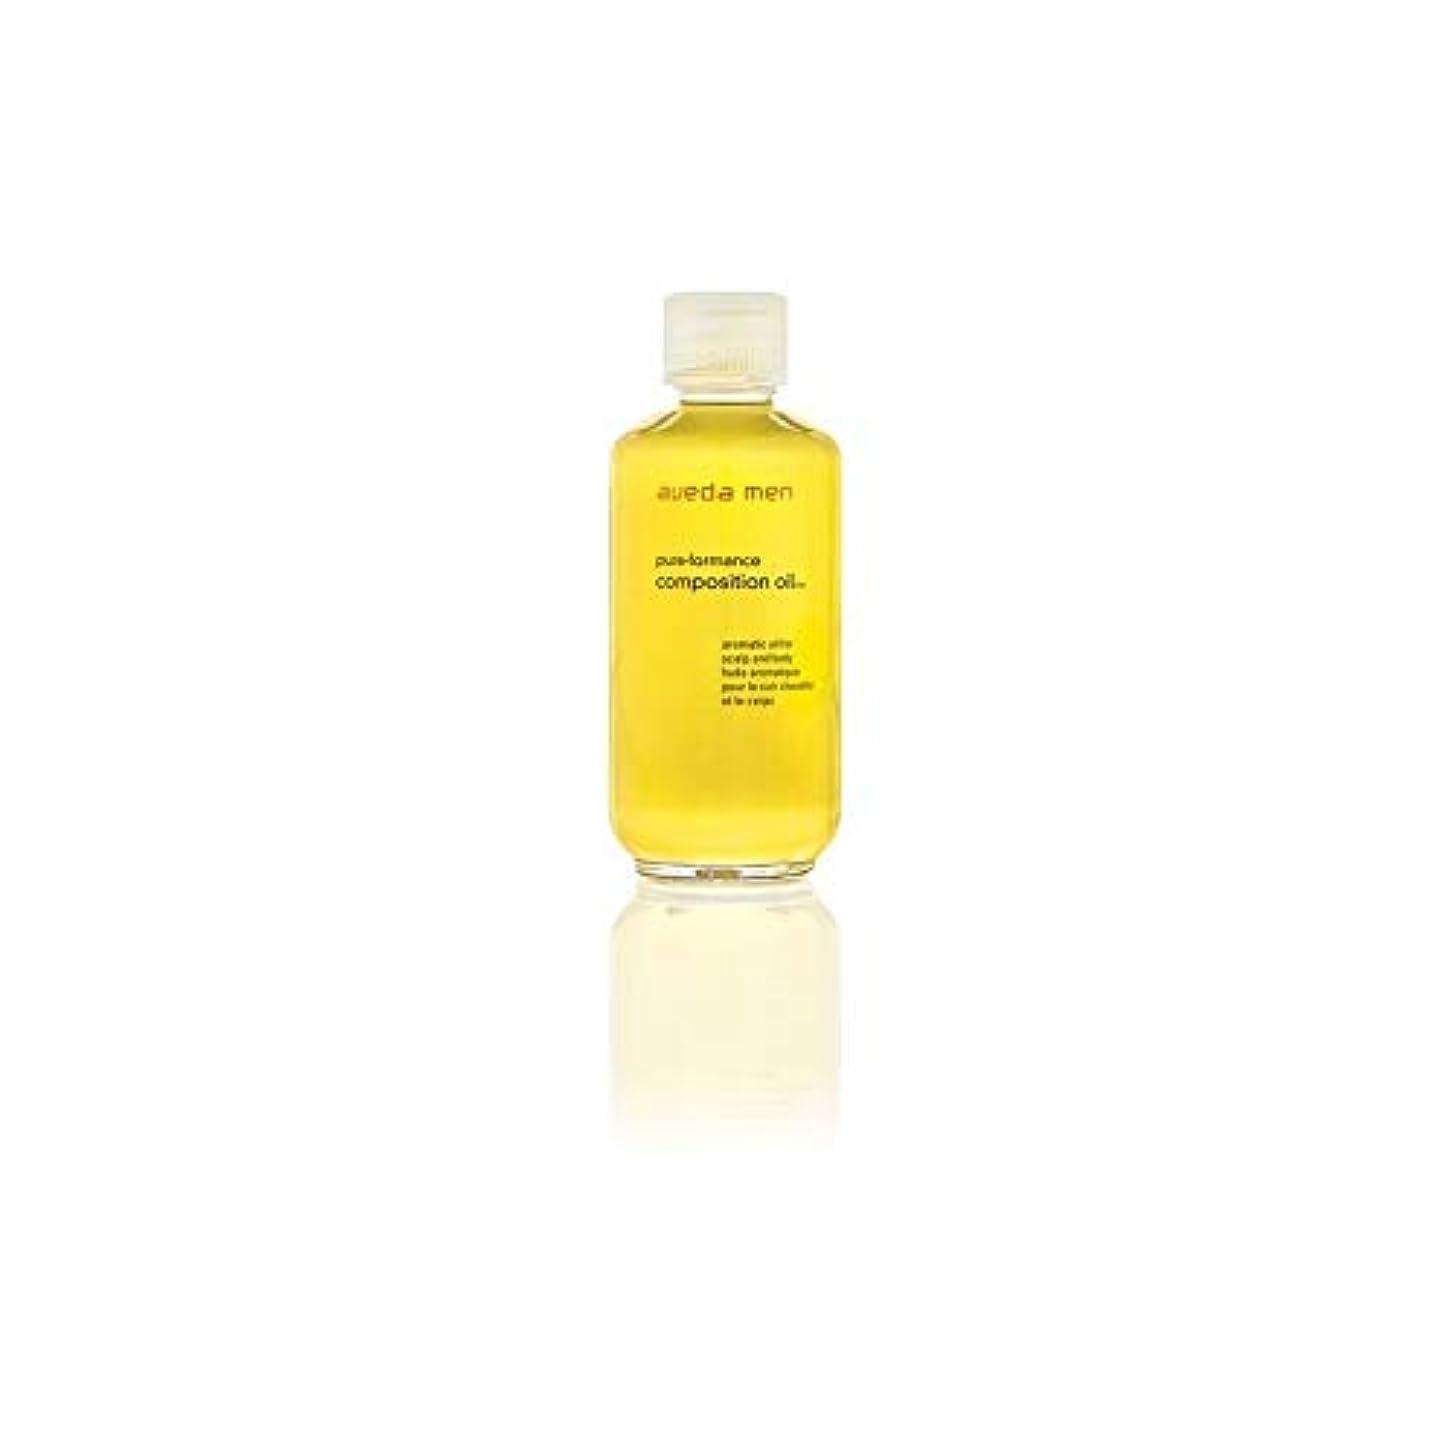 クリエイティブカウボーイスマート[AVEDA ] アヴェダメンズ組成オイル(50ミリリットル) - Aveda Men's Composition Oil (50ml) [並行輸入品]